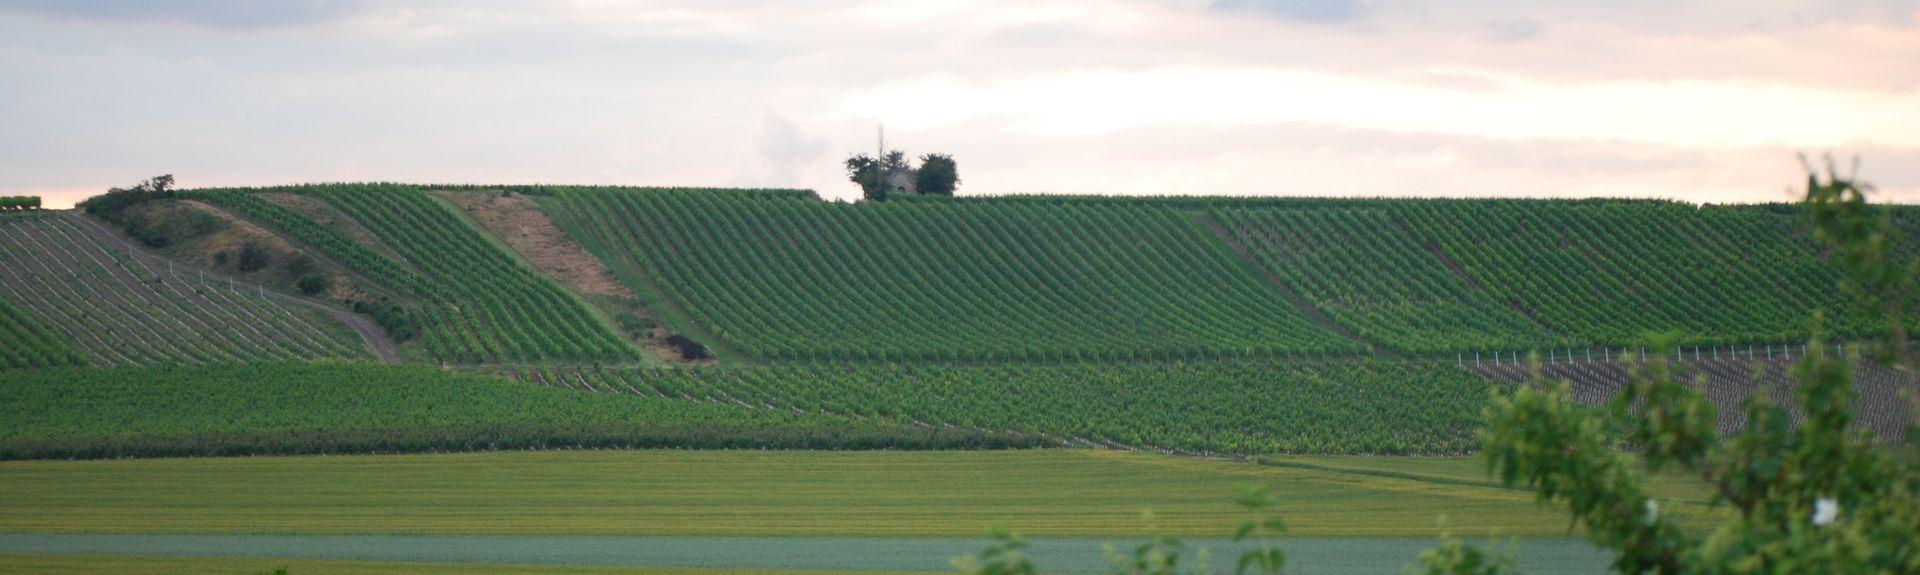 Gau-Odernheim, Rheinland-Pfalz, Tyskland